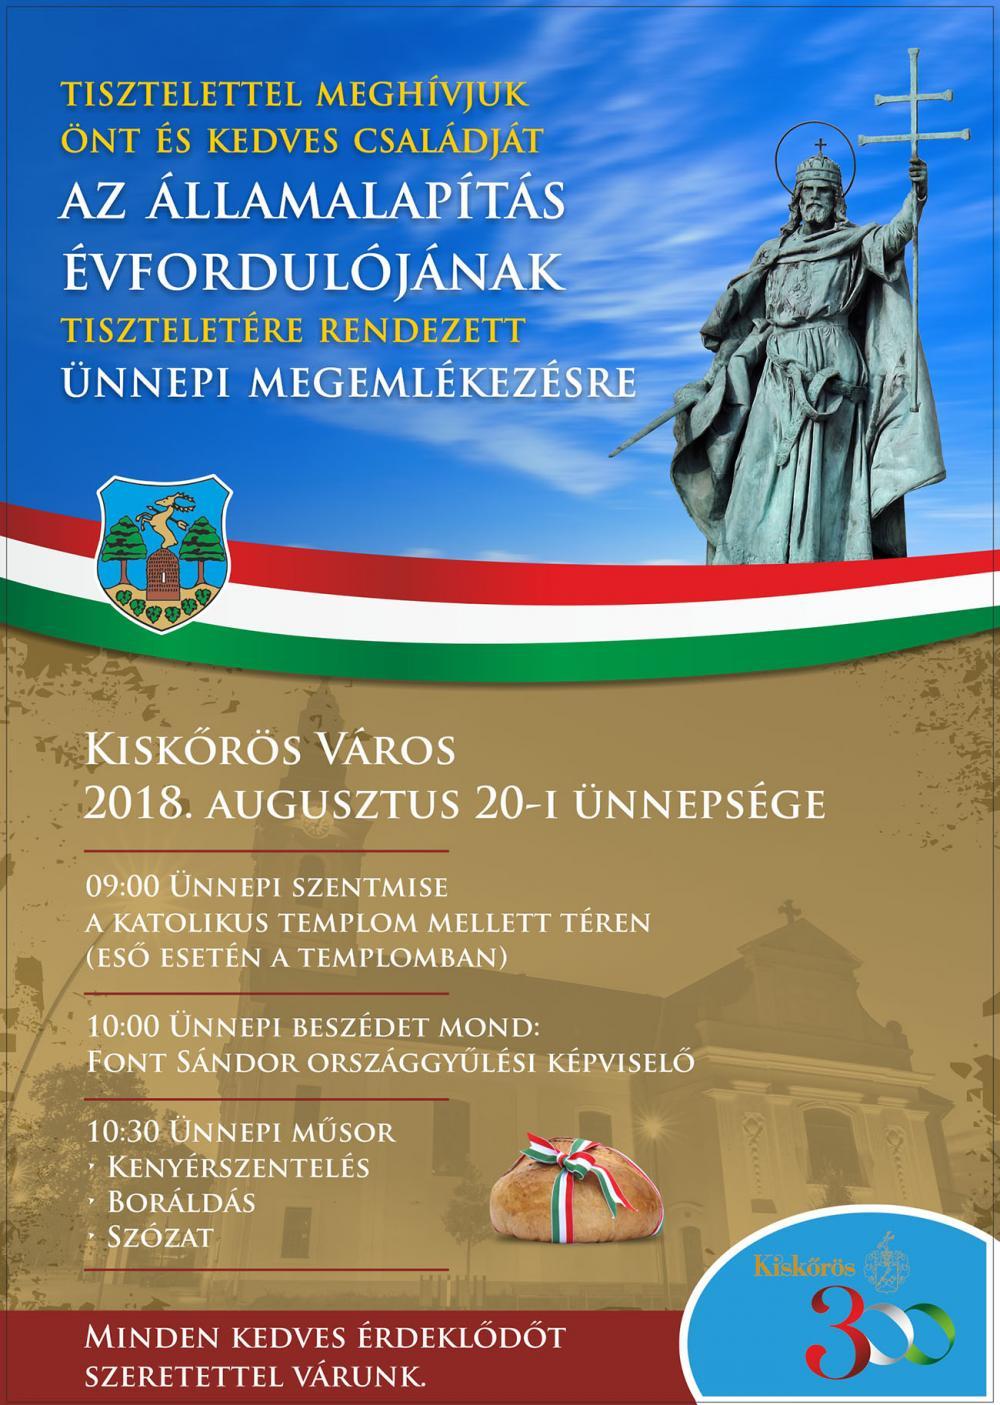 Kiskőrös Város 2018. augusztus 20-i ünnepsége